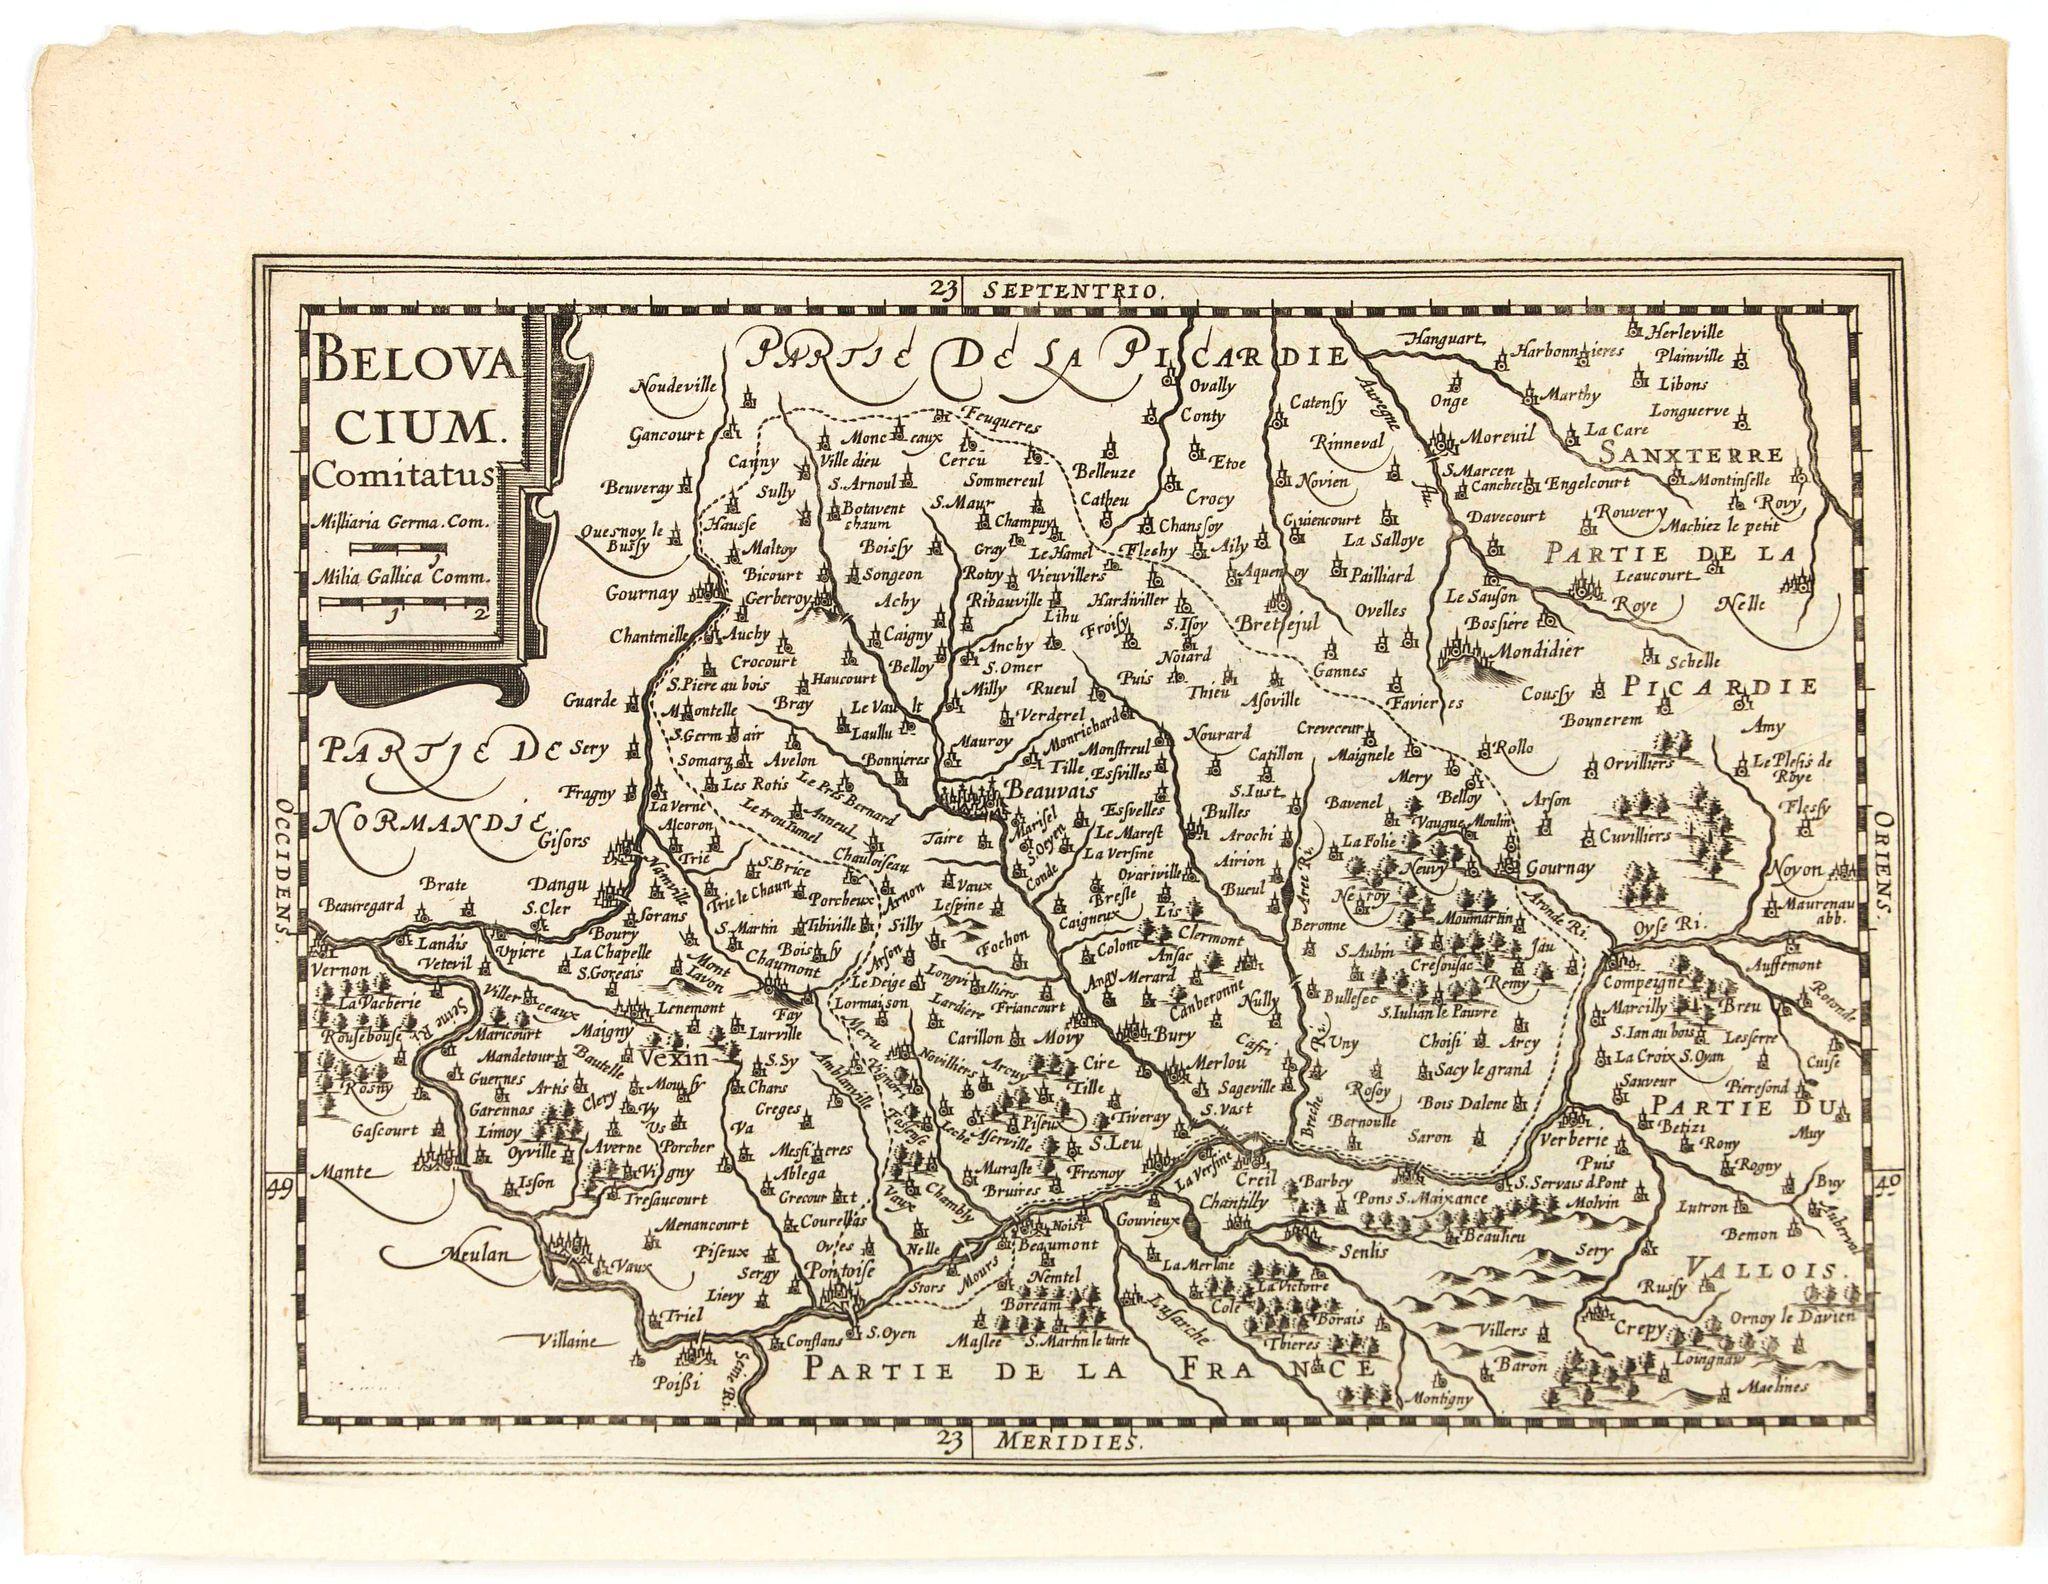 CLOPPENBURGH, J.E. -  Belovacium comitatus.